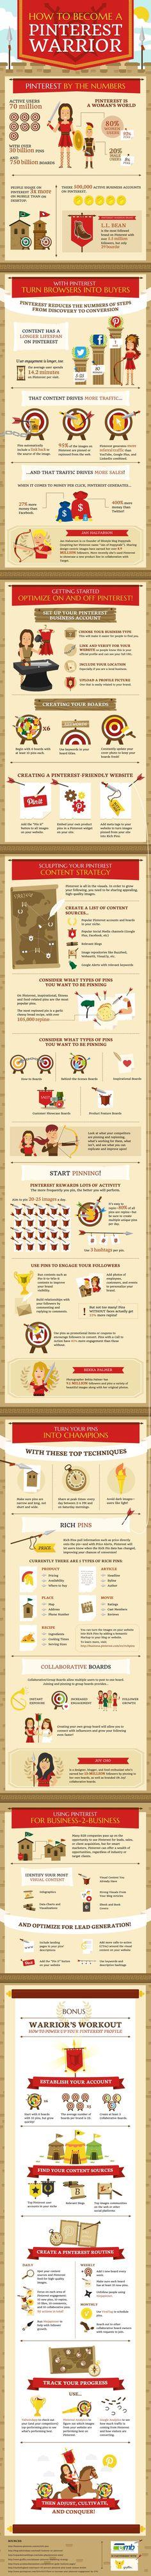 Infográfico PINTEREST. Para consultoria em Redes Sociais acesse: http://www.nrweb.com.br/consultoriaderedessociais?utm_content=buffer0d8c9&utm_medium=social&utm_source=pinterest.com&utm_campaign=buffer?utm_content=buffer0d8c9&utm_medium=social&utm_source=pinterest.com&utm_campaign=buffer